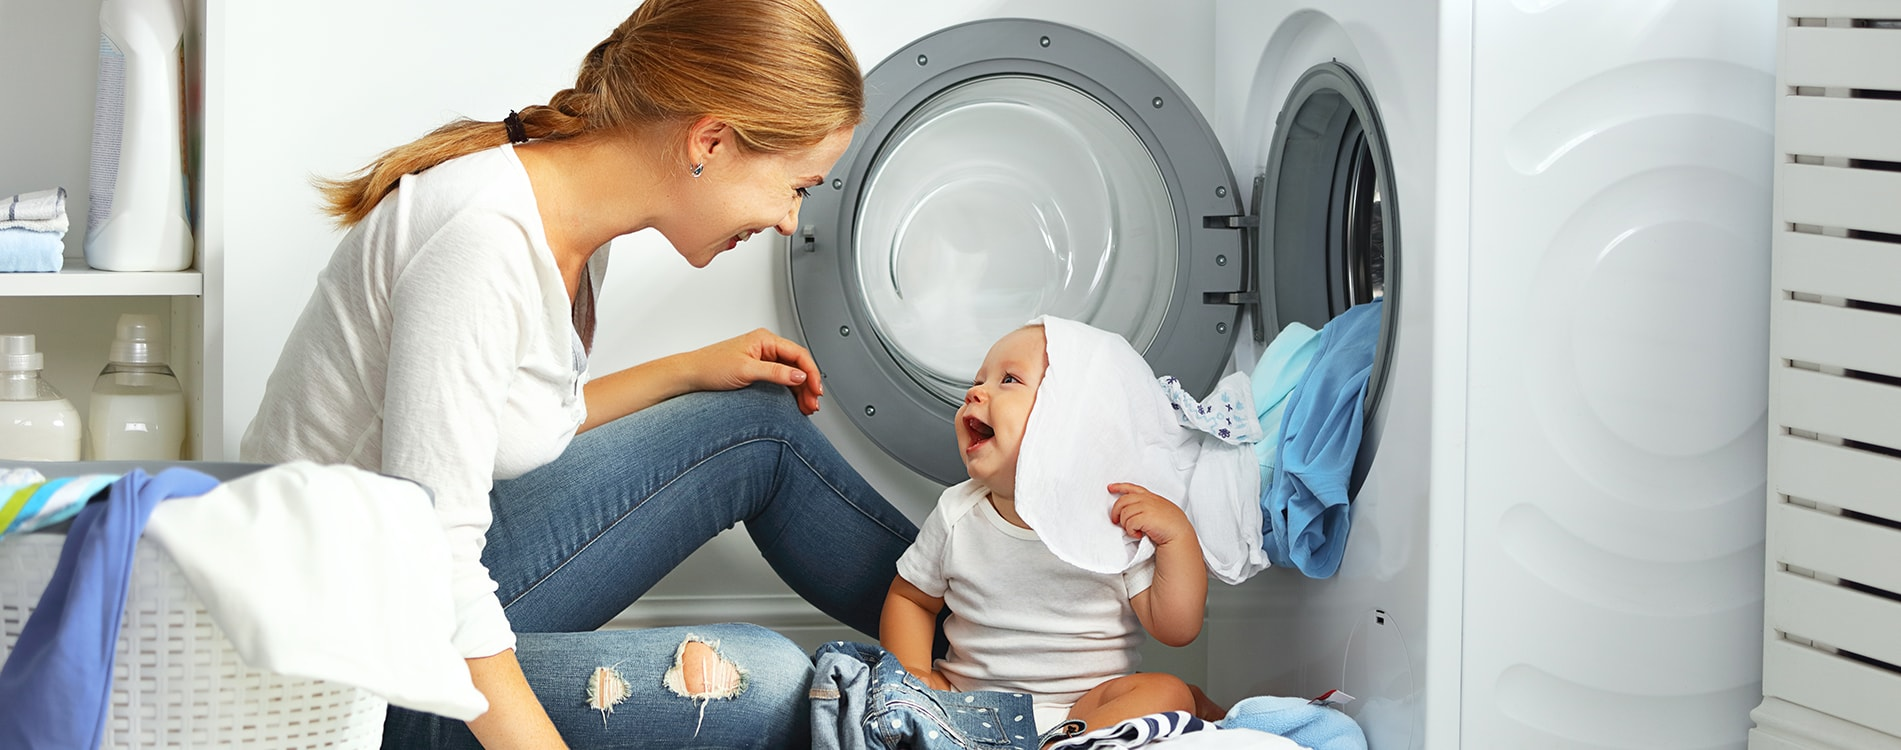 Servicio Técnico Electrodomésticos Lérida